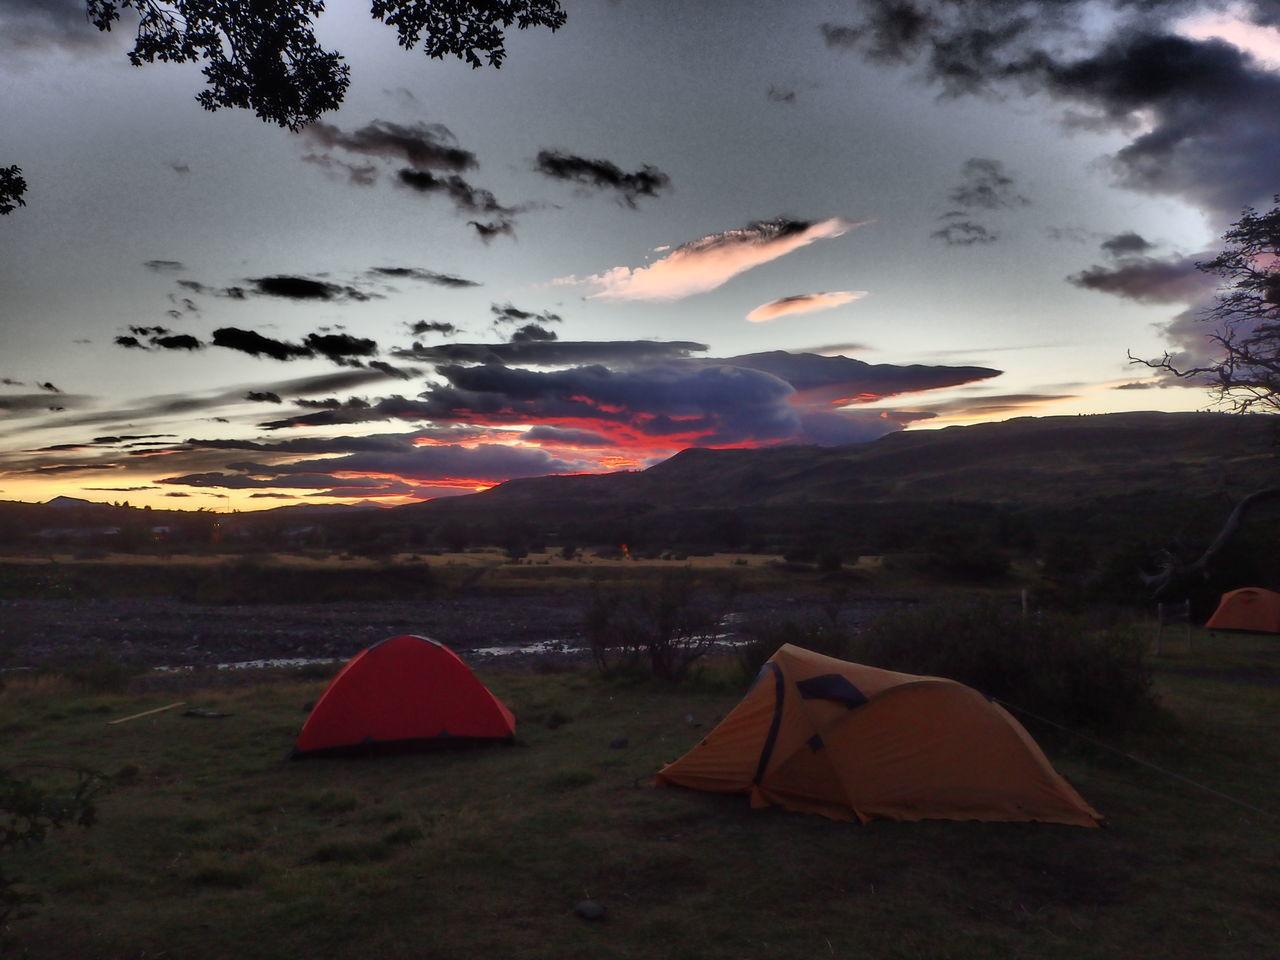 Sunset in Torres Del Paine